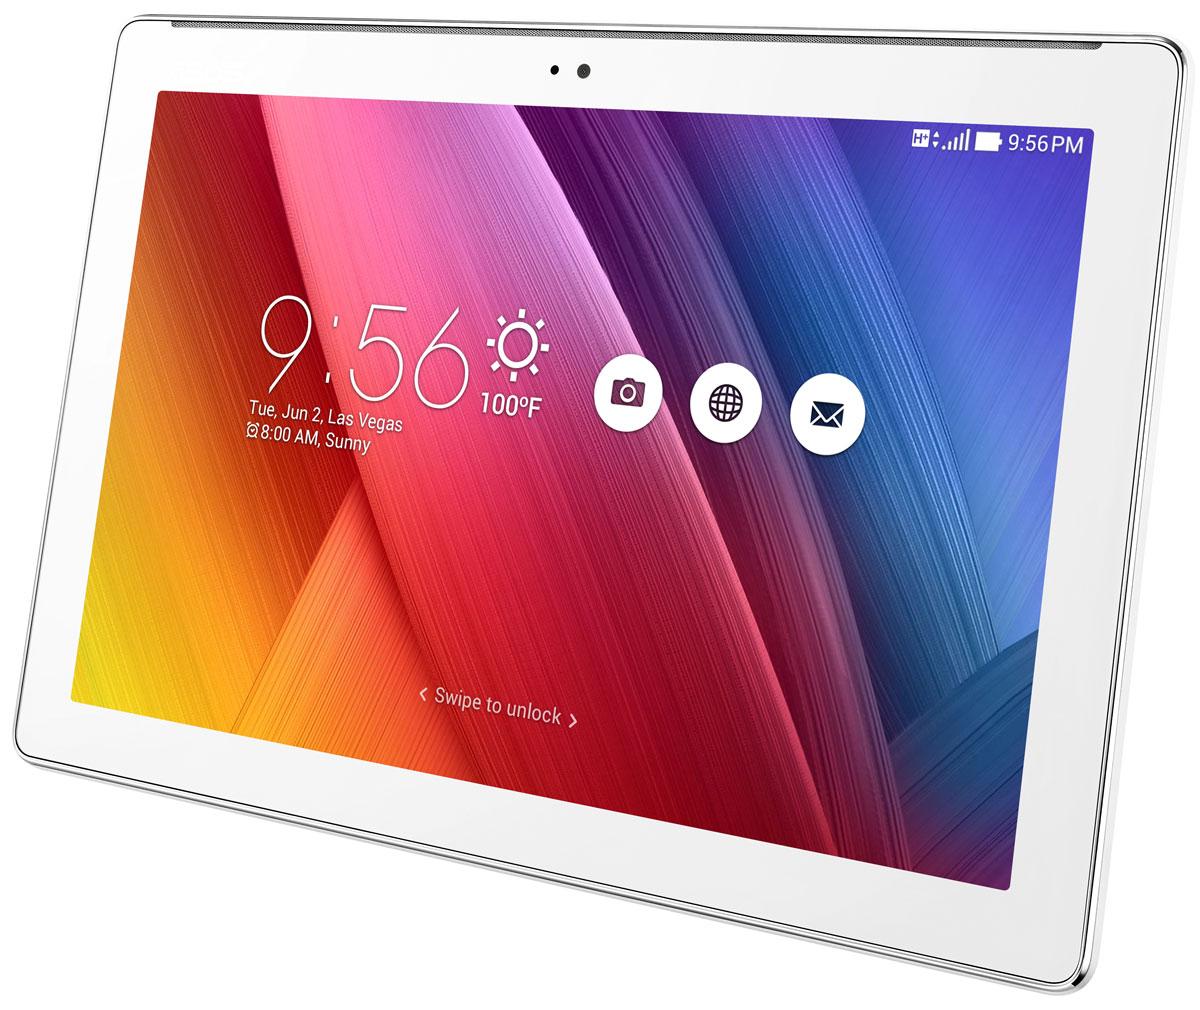 ASUS ZenPad 10 Z300CG 16GB, White (Z300CG-1B004A)Z300CG-1B004AAsus ZenPad 10 Z300CG имеет дизайн-философию Zen, которая направлена на разработку красивых и высокотехнологичных устройств – роскоши, доступной для каждого. Внешний вид этого планшета - яркий, стильный, современный - не оставит равнодушным ни одного пользователя!Великолепное изображение:ASUS VisualMaster – это общее название комплекса аппаратных и программных средств улучшения изображения за счет оптимизации множества параметров, включая контрастность, резкость, цветопередачу, яркость. ASUS VisualMaster – залог красочной и реалистичной картинки на экране планшета.Интеллектуальная оптимизация контрастности:Оптимизация контрастности служит для более точной передачи оттенков в самых ярких и самых темных участках изображения.Оптимизация резкости:Увеличение детализации делает изображение на экране планшета более реалистичным.Невероятный звук:За великолепное звучание планшетов ZenPad отвечают передовые аудиотехнологии DTS-HD Premium Sound и SonicMaster.Ты увидишь то, что скрыто:Используя технологию PixelMaster, камера ZenPad может снимать панорамные селфи, охватывающие угол до 140 градусов. На такой автопортрет поместитесь не только вы сами, но и все ваши друзья!Планшет сертифицирован EAC и имеет русифицированный интерфейс, меню и Руководство пользователя.